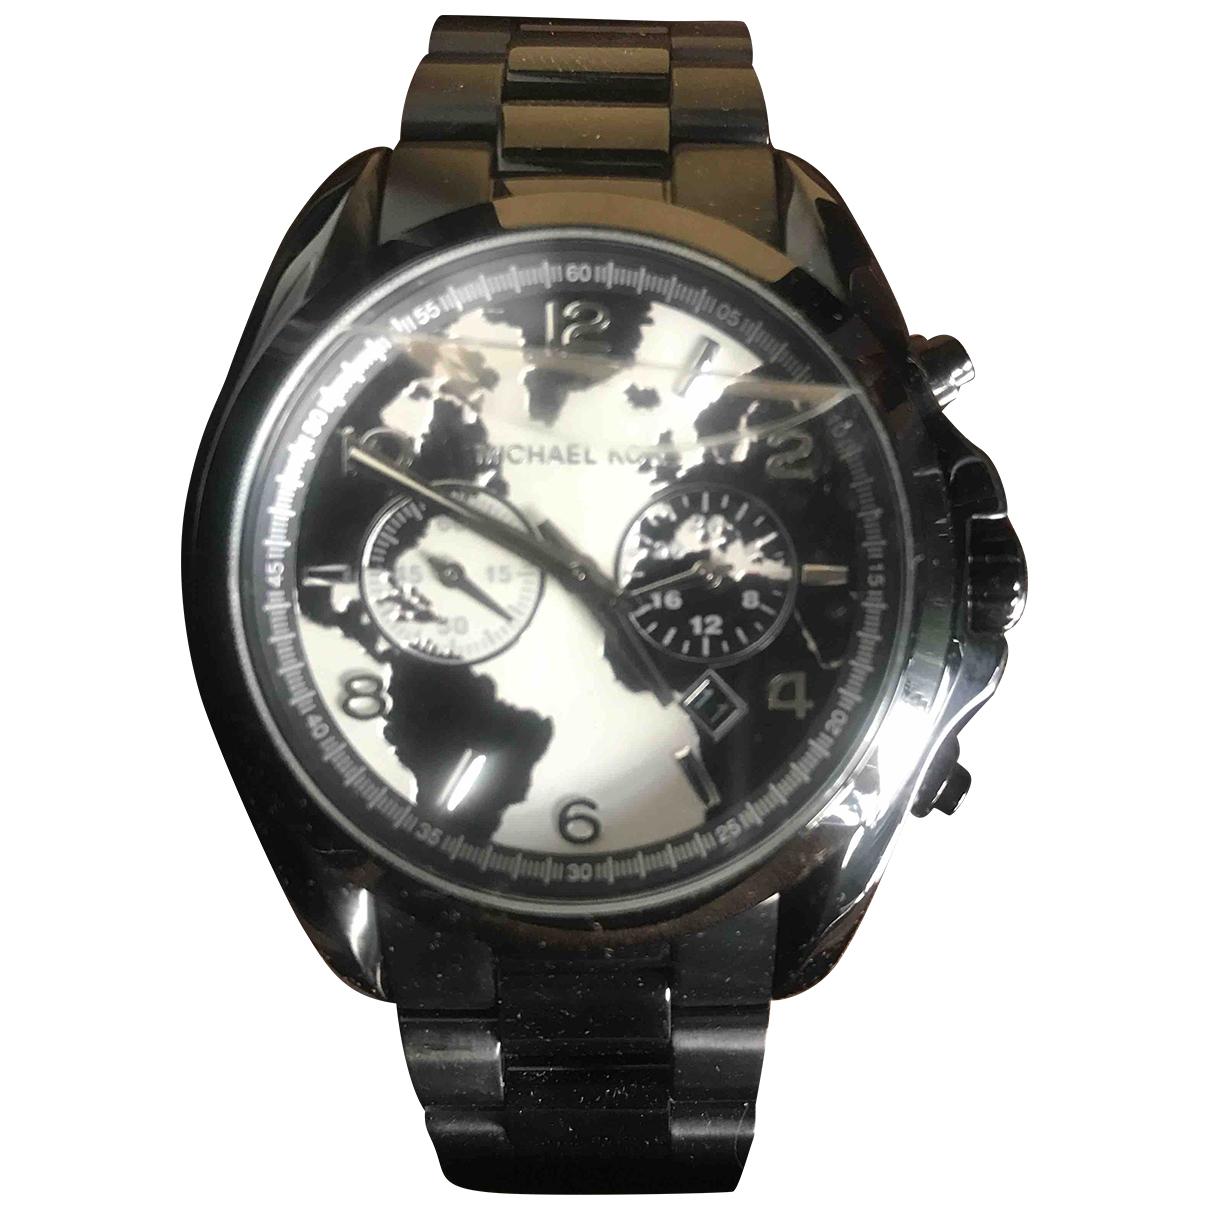 Michael Kors \N Black Steel watch for Men \N